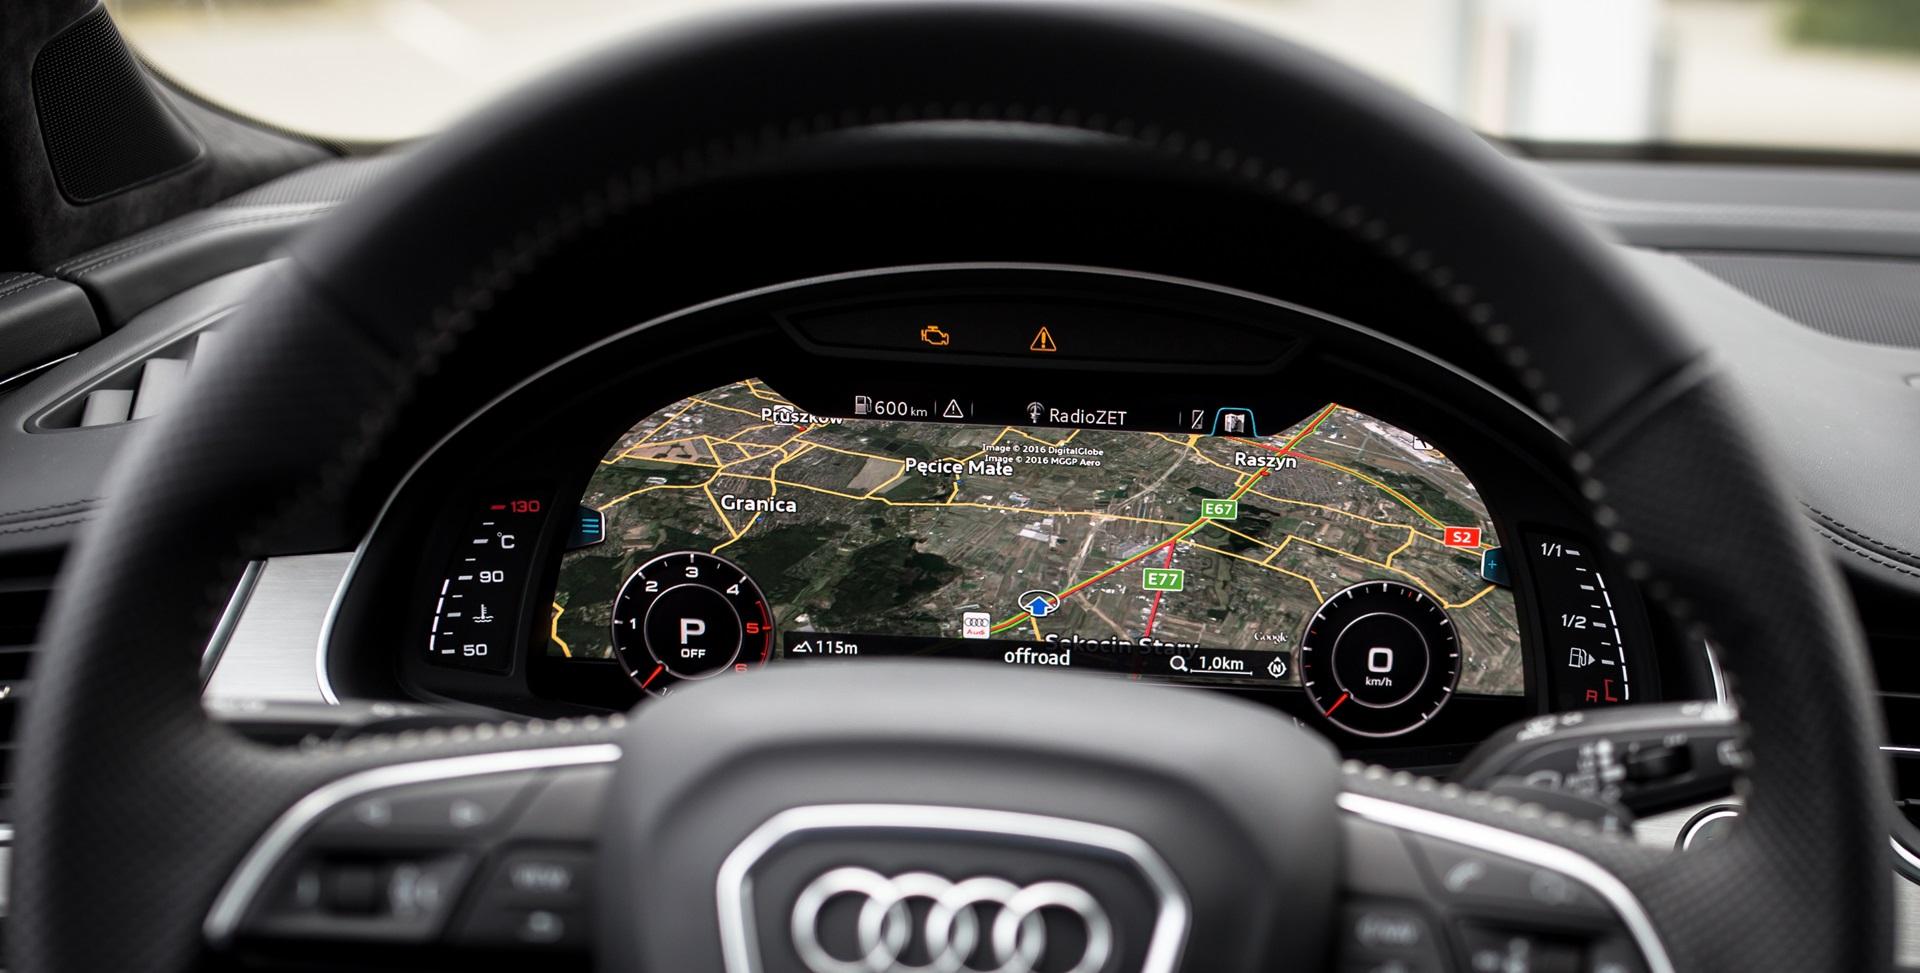 Audi Q7 мультимедиа Виртуальные часы Audi